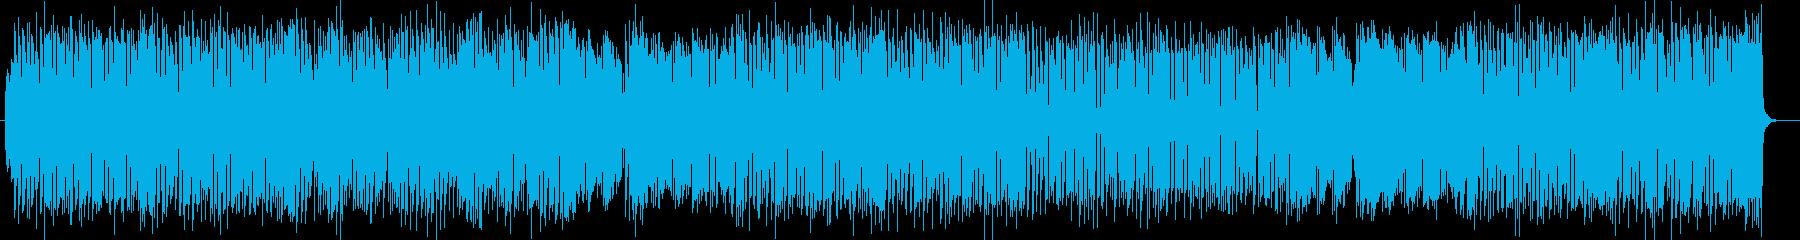 明るくドラマチックなシンセサウンドの再生済みの波形